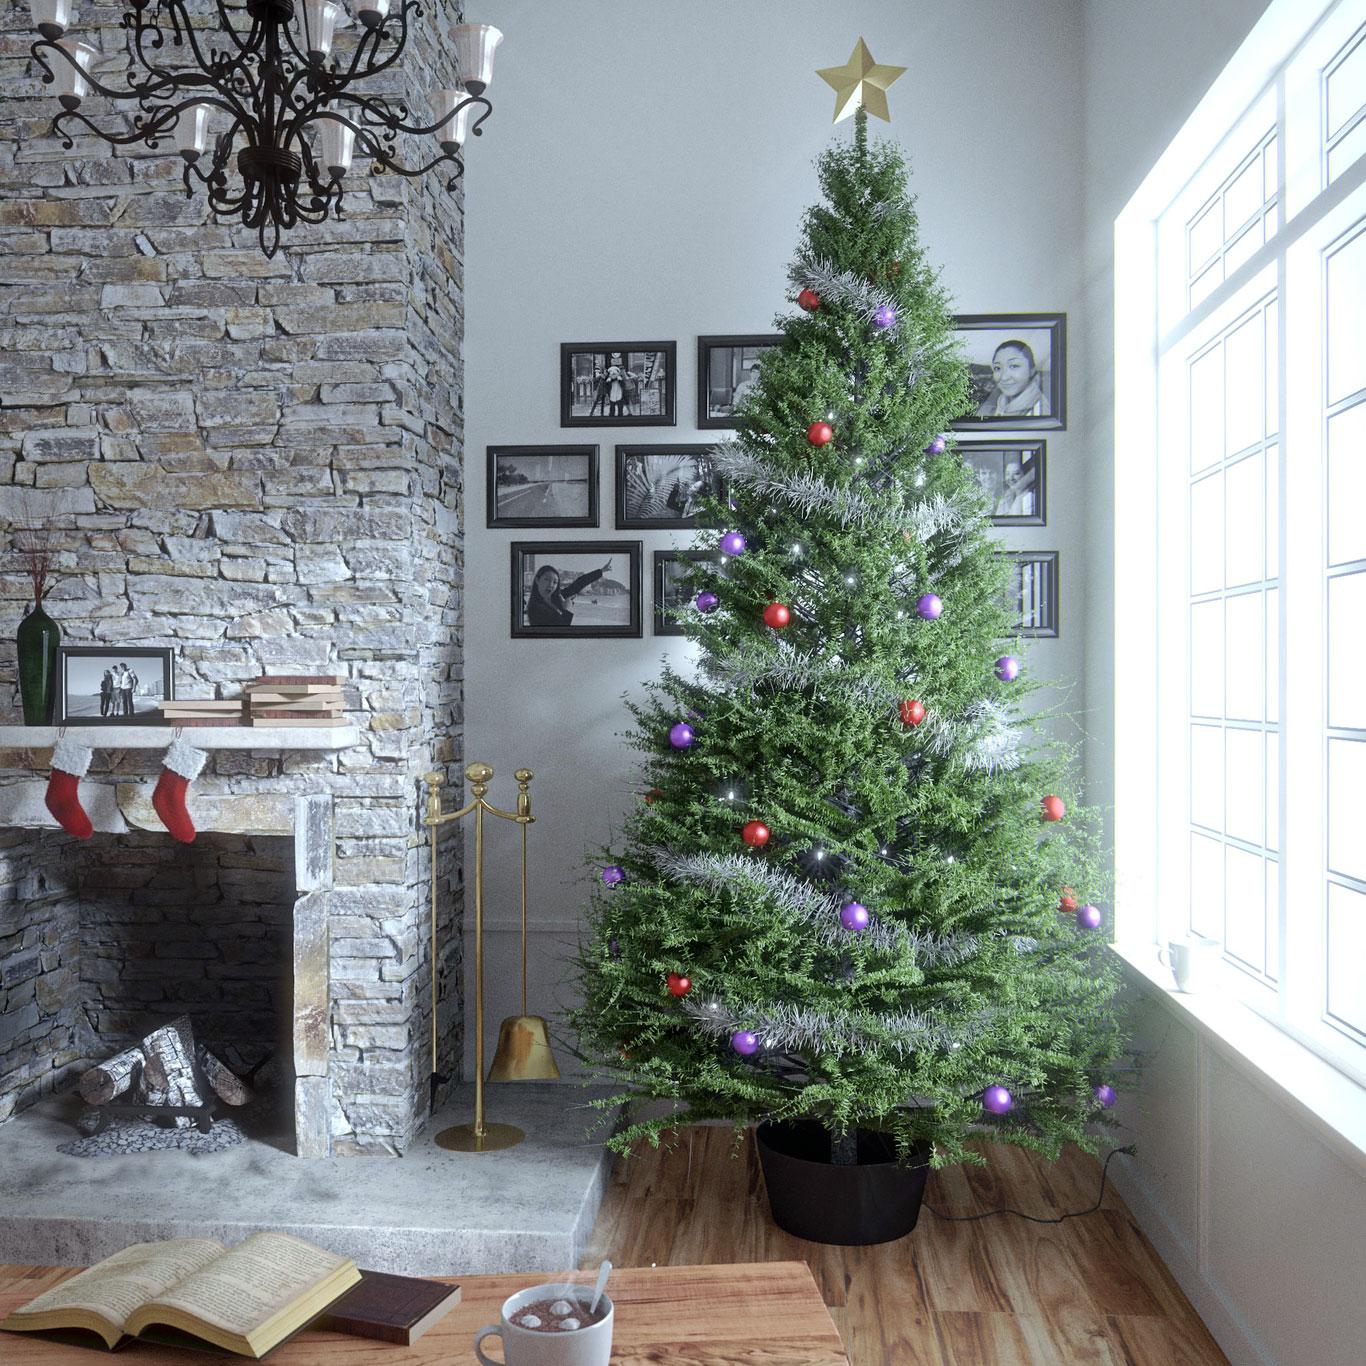 Куда в квартире поставить новогоднюю ёлку в уходящем 2020 году?